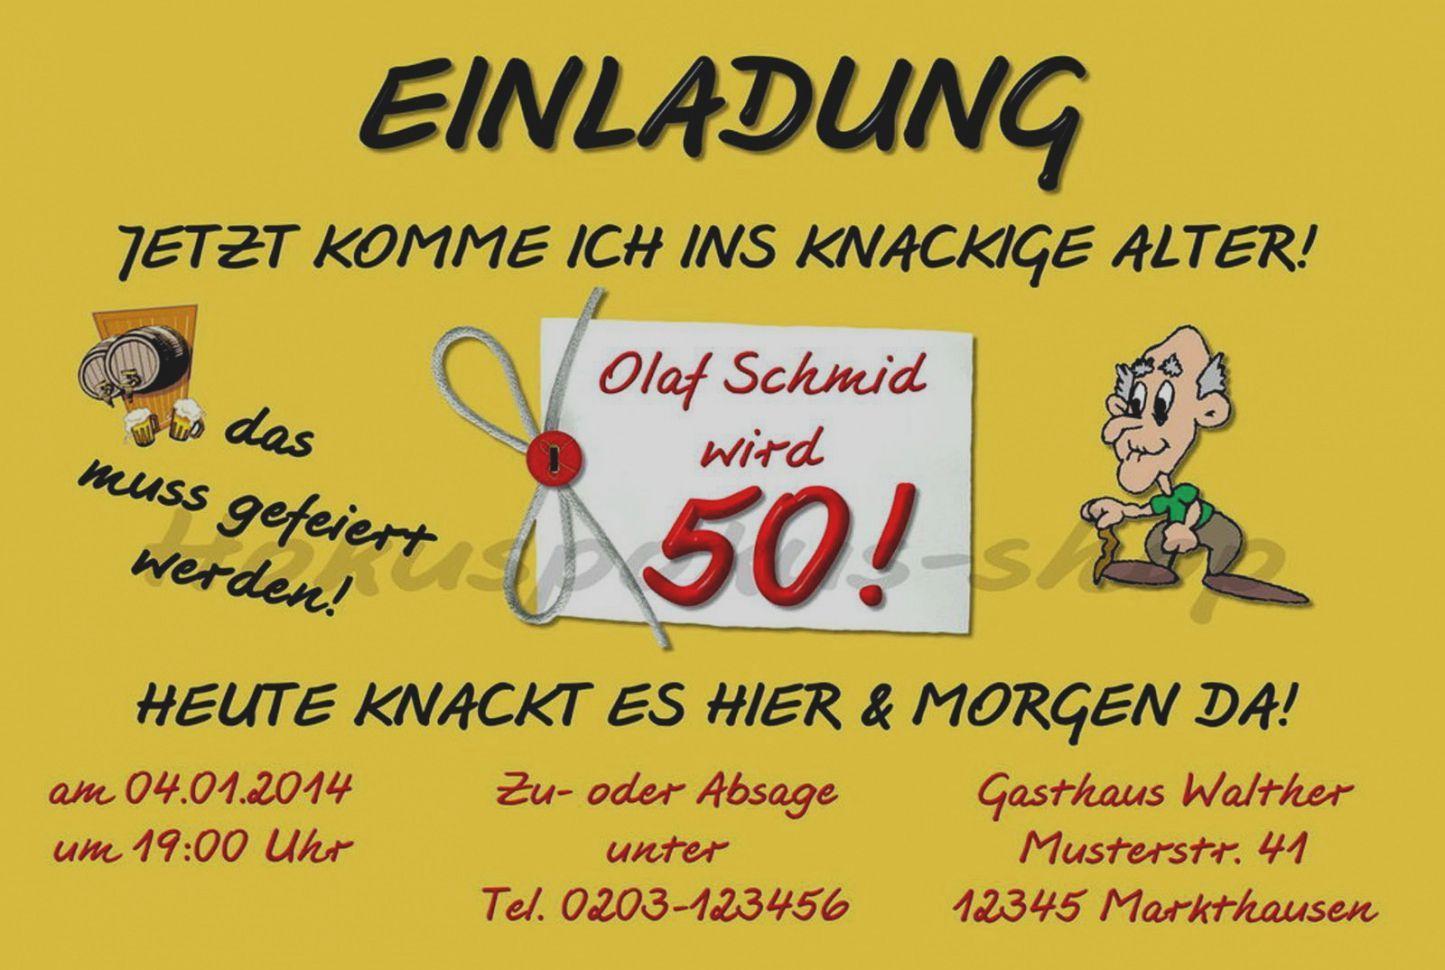 Einladung 50 Geburtstag Kreativ Originelle Einladung 50 Geburtstag Kostenlos Einladungs Einladung 50 Geburtstag Einladungskarten Zum 50 Einladung Geburtstag